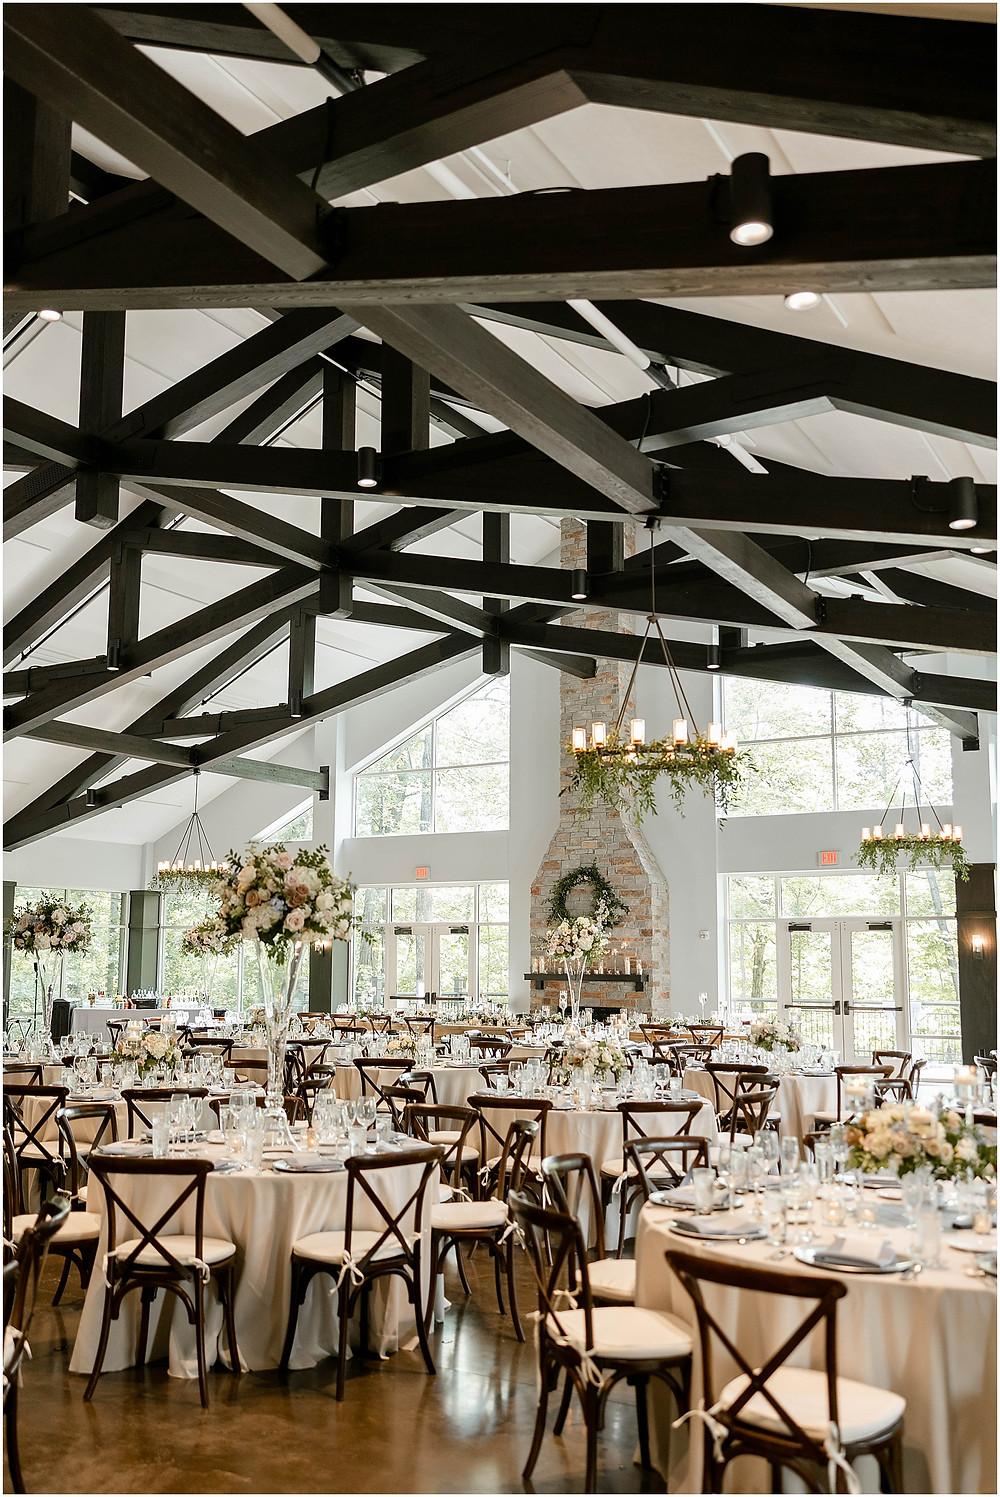 The-bluffs-at-conner-prairie-wedding-reception